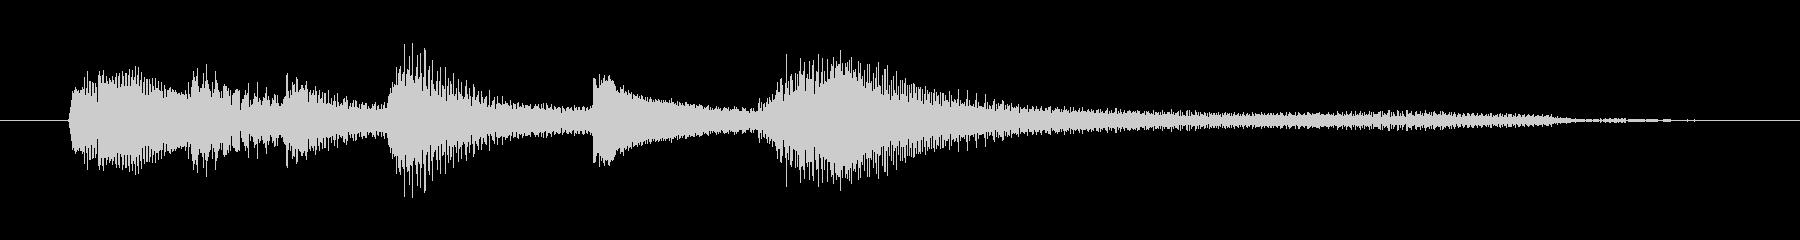 チャプター・場面転換等にピアノジングルJの未再生の波形